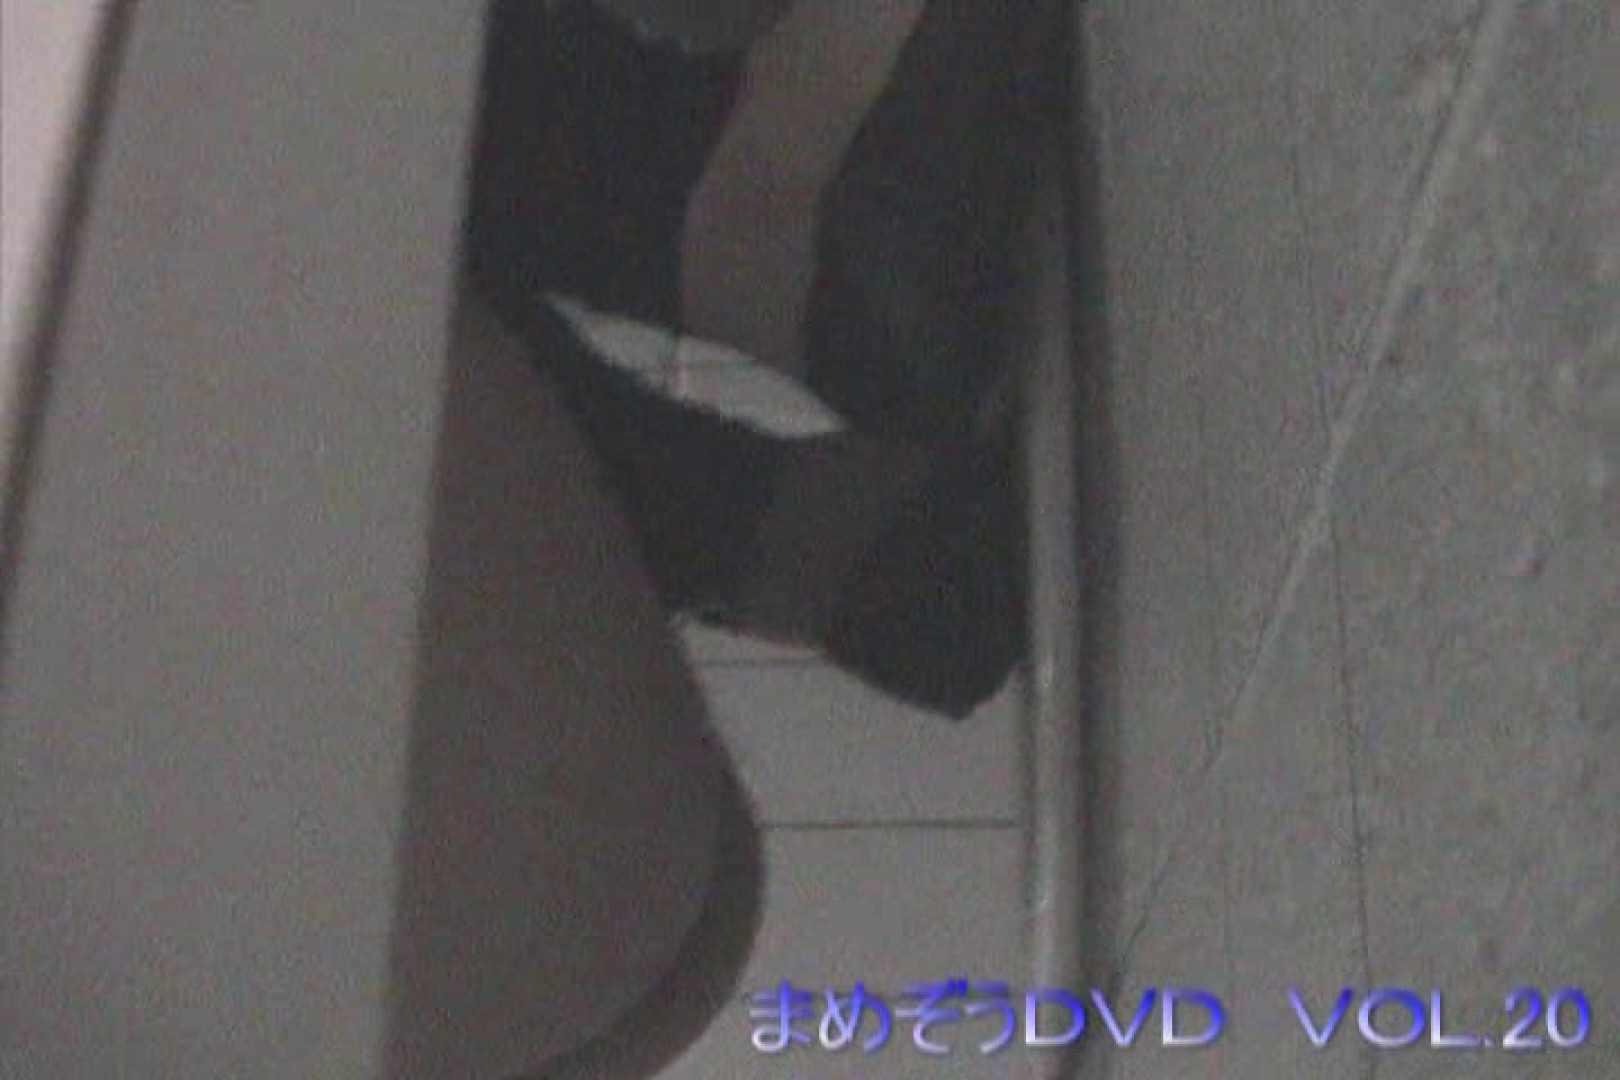 まめぞうDVD完全版VOL.20 ギャル  105pic 12